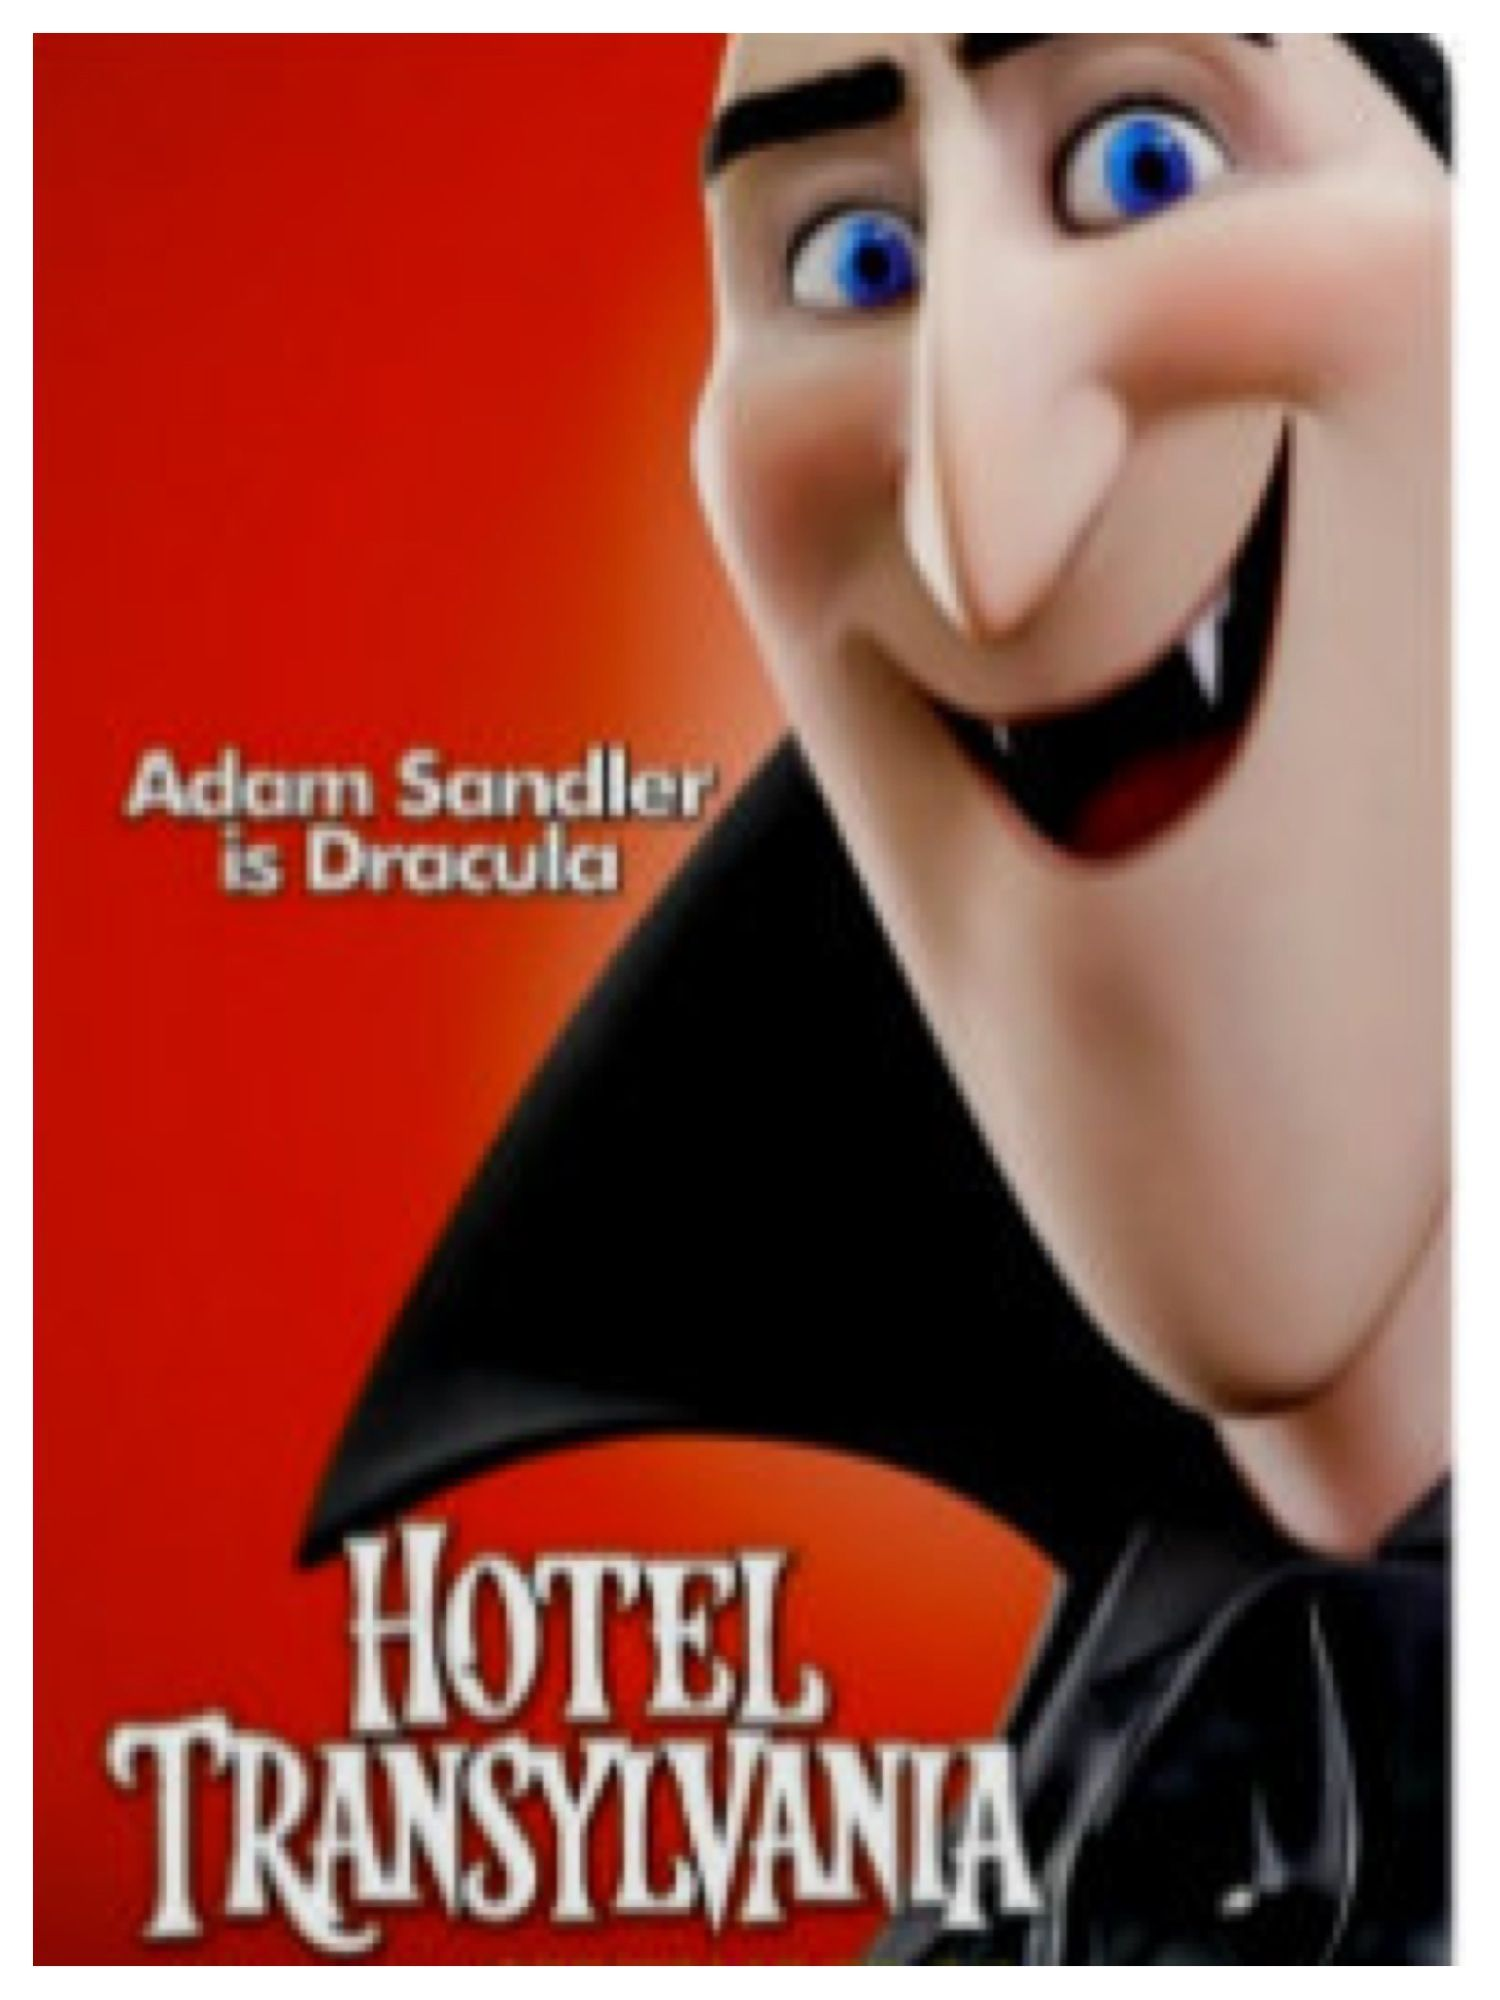 Dracula from hotel Transylvania Hotel transylvania movie